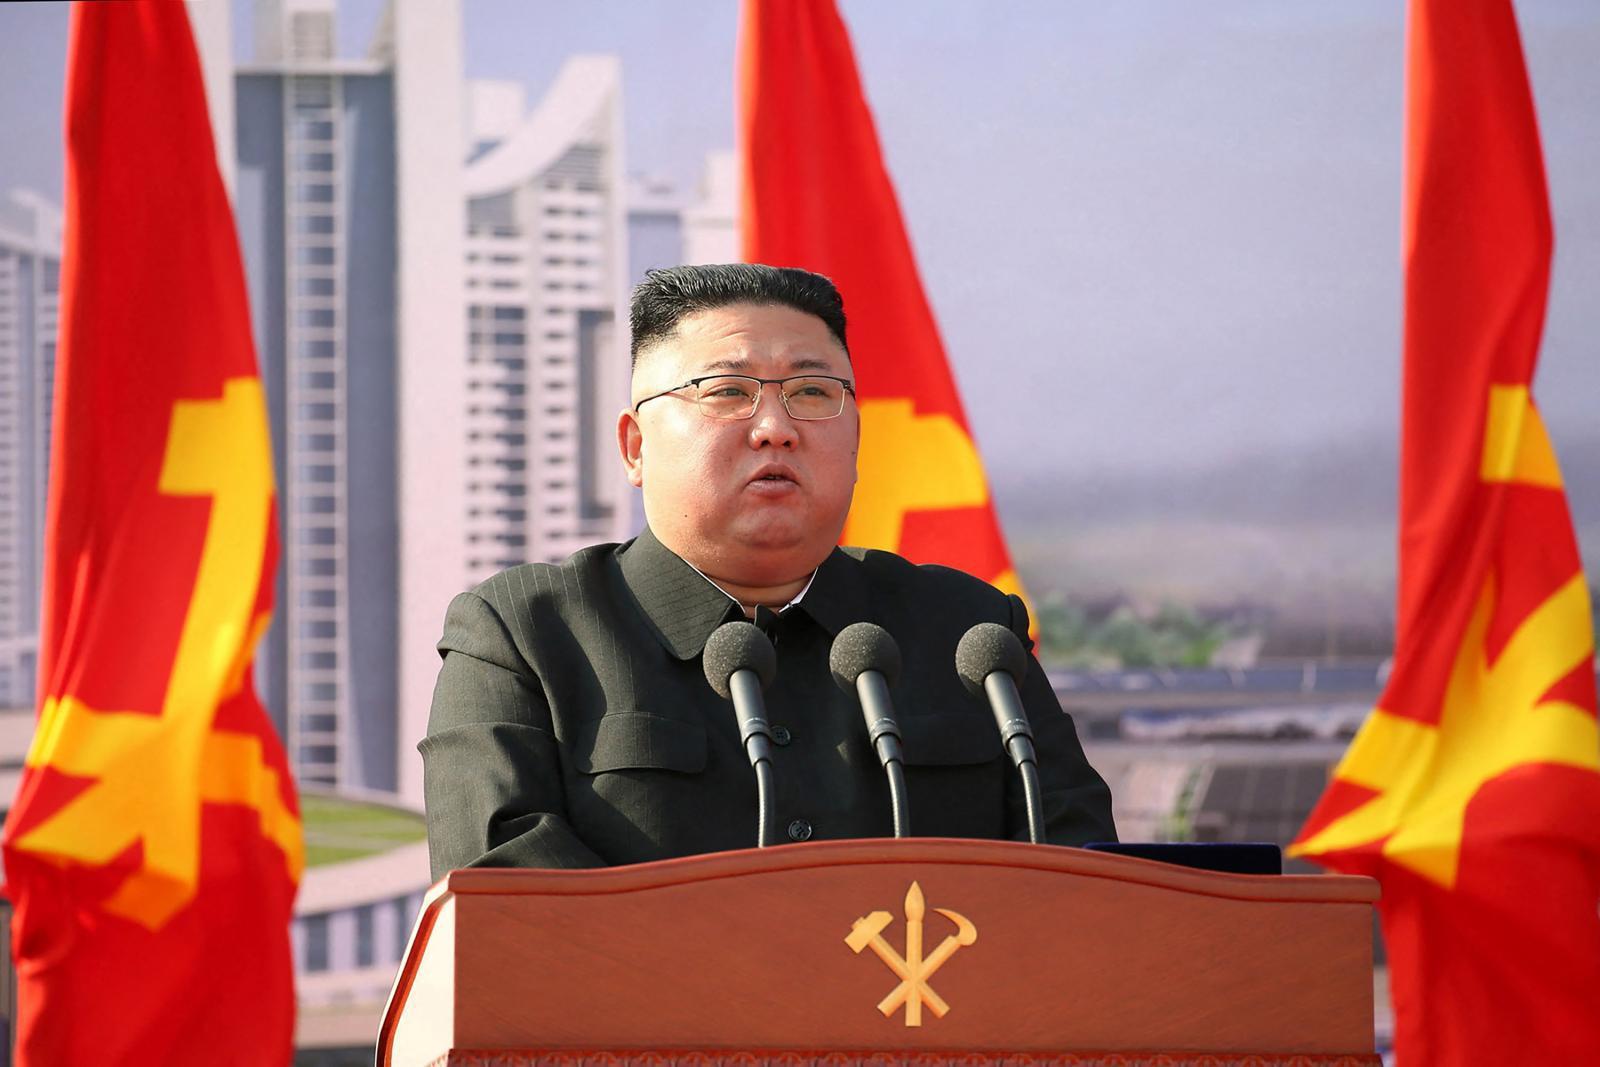 ผู้นำเกาหลีเหนือ ขู่วัยรุ่น ฟังเพลงเคป๊อบ-ดูซีรีส์ จับขังค่ายแรงงาน